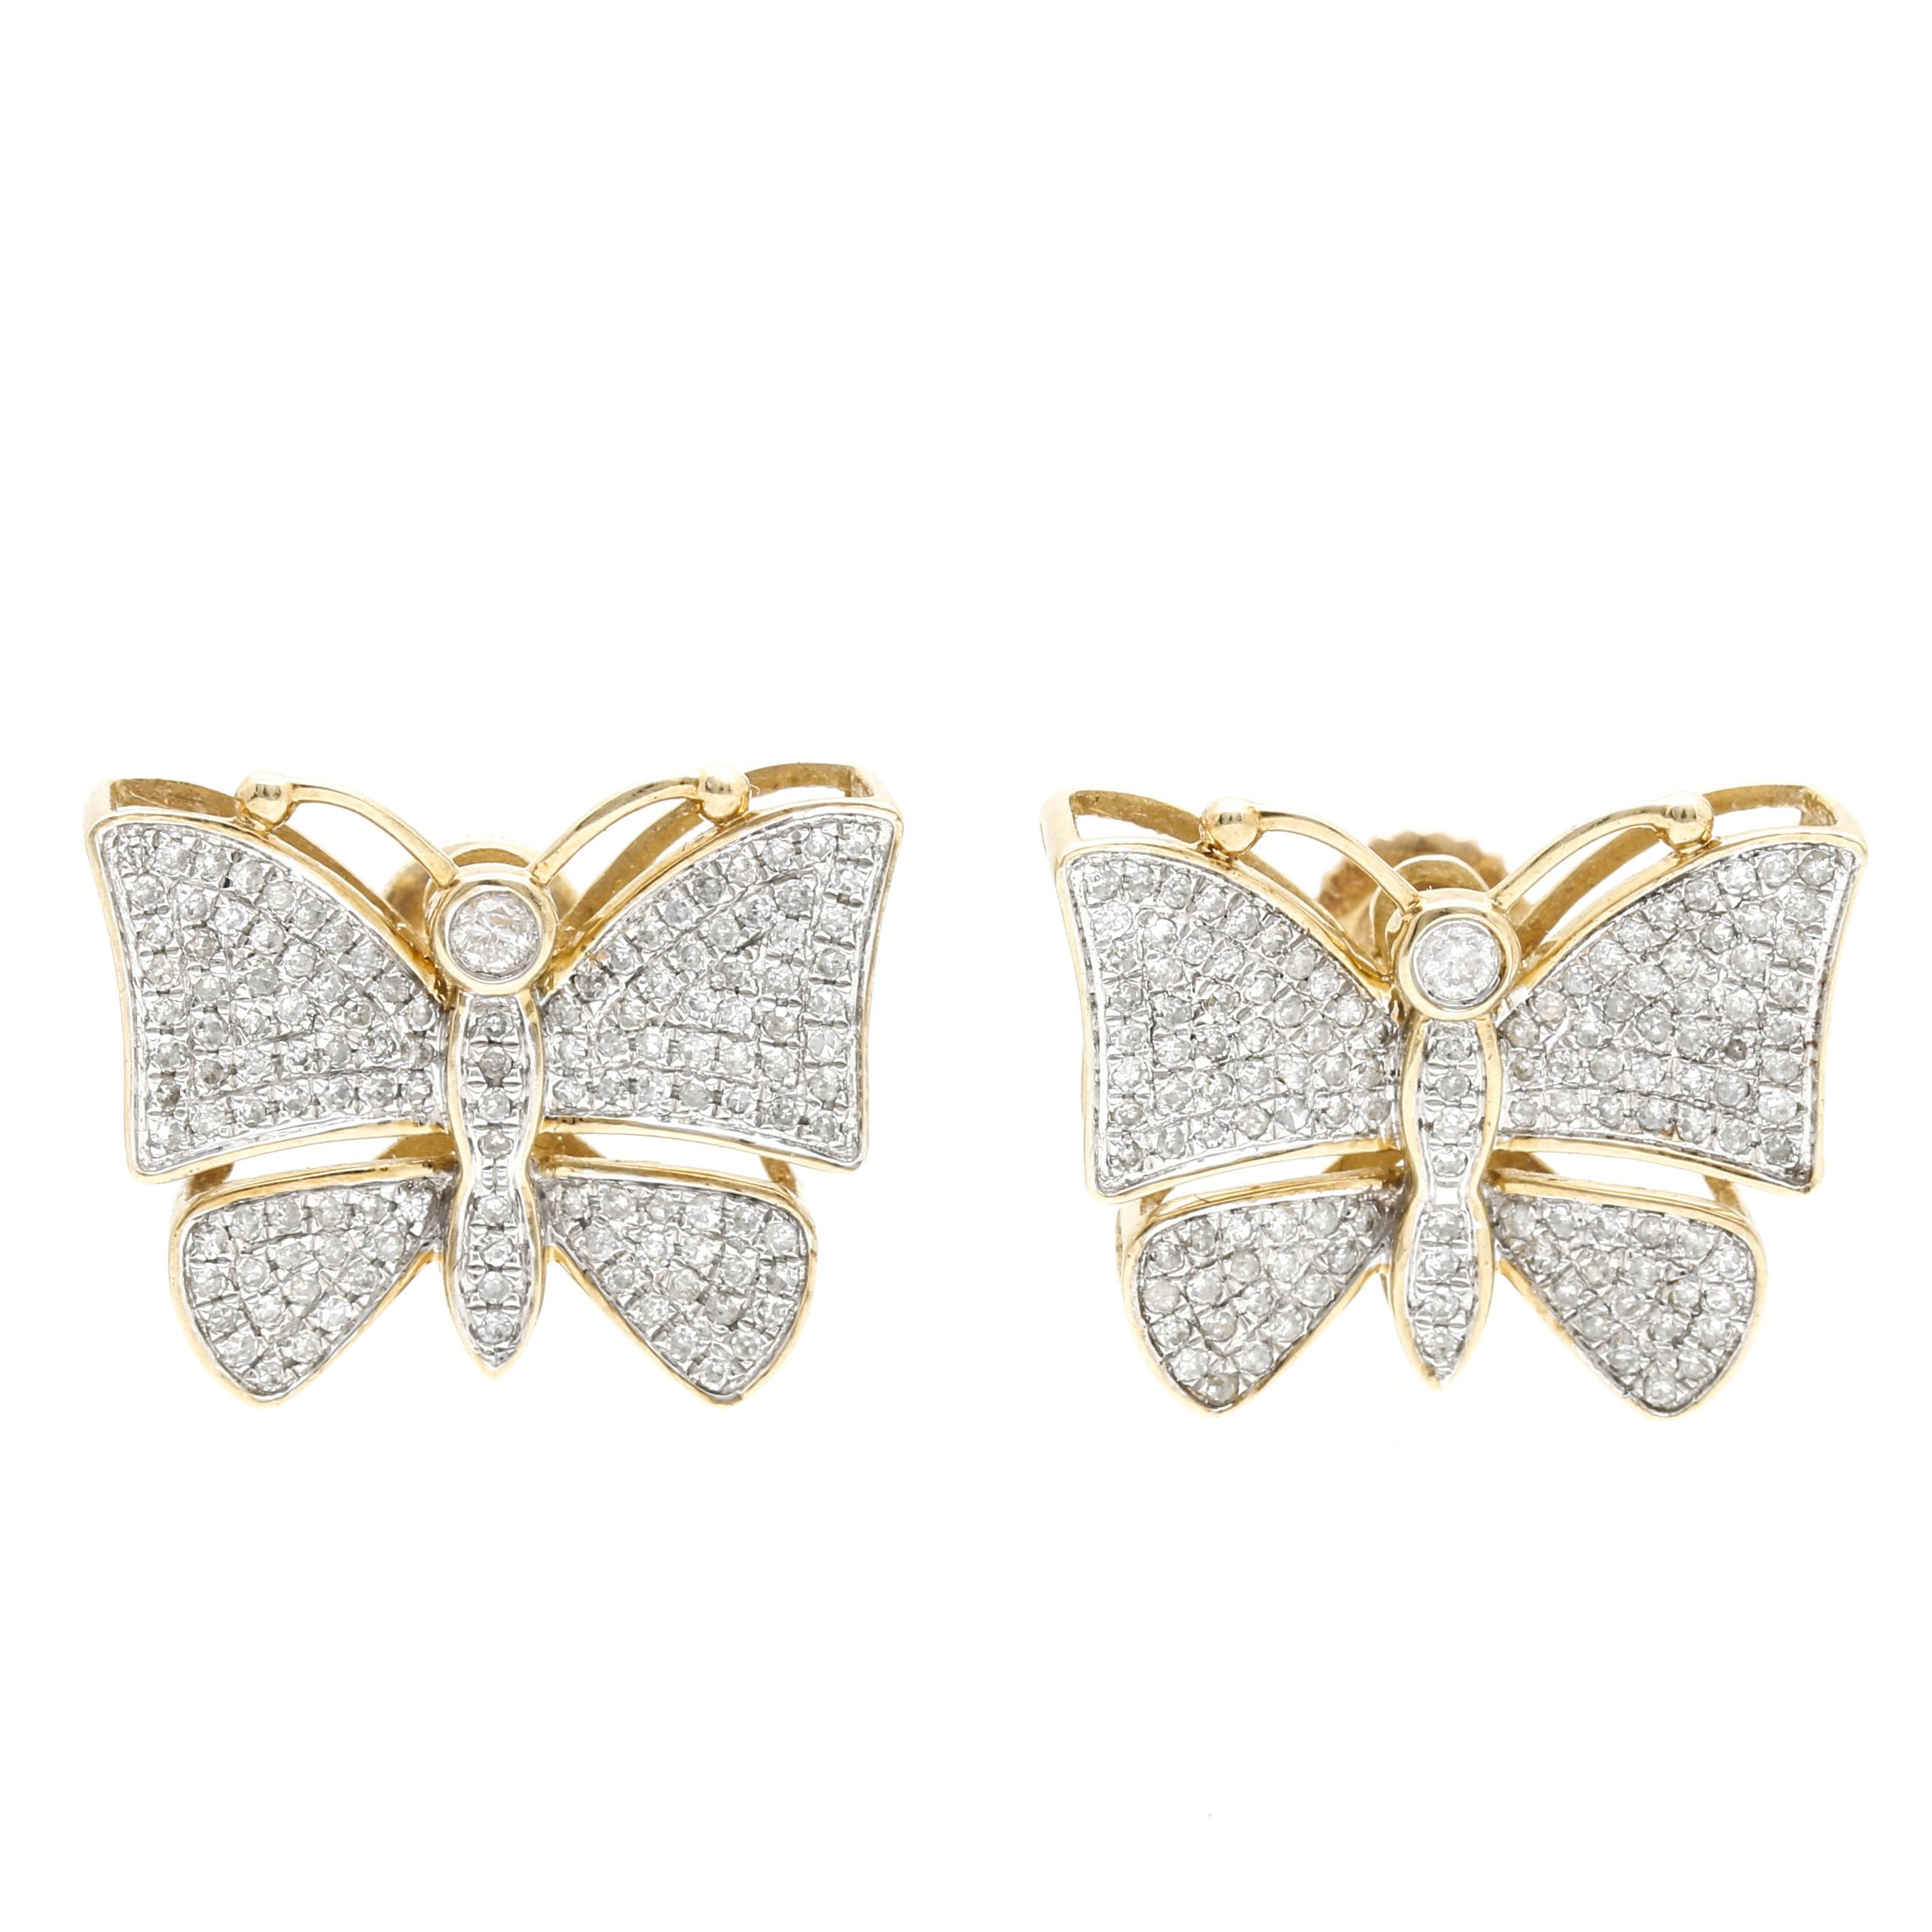 10K Two Tone 1.06 CTW Diamond Butterfly Earrings